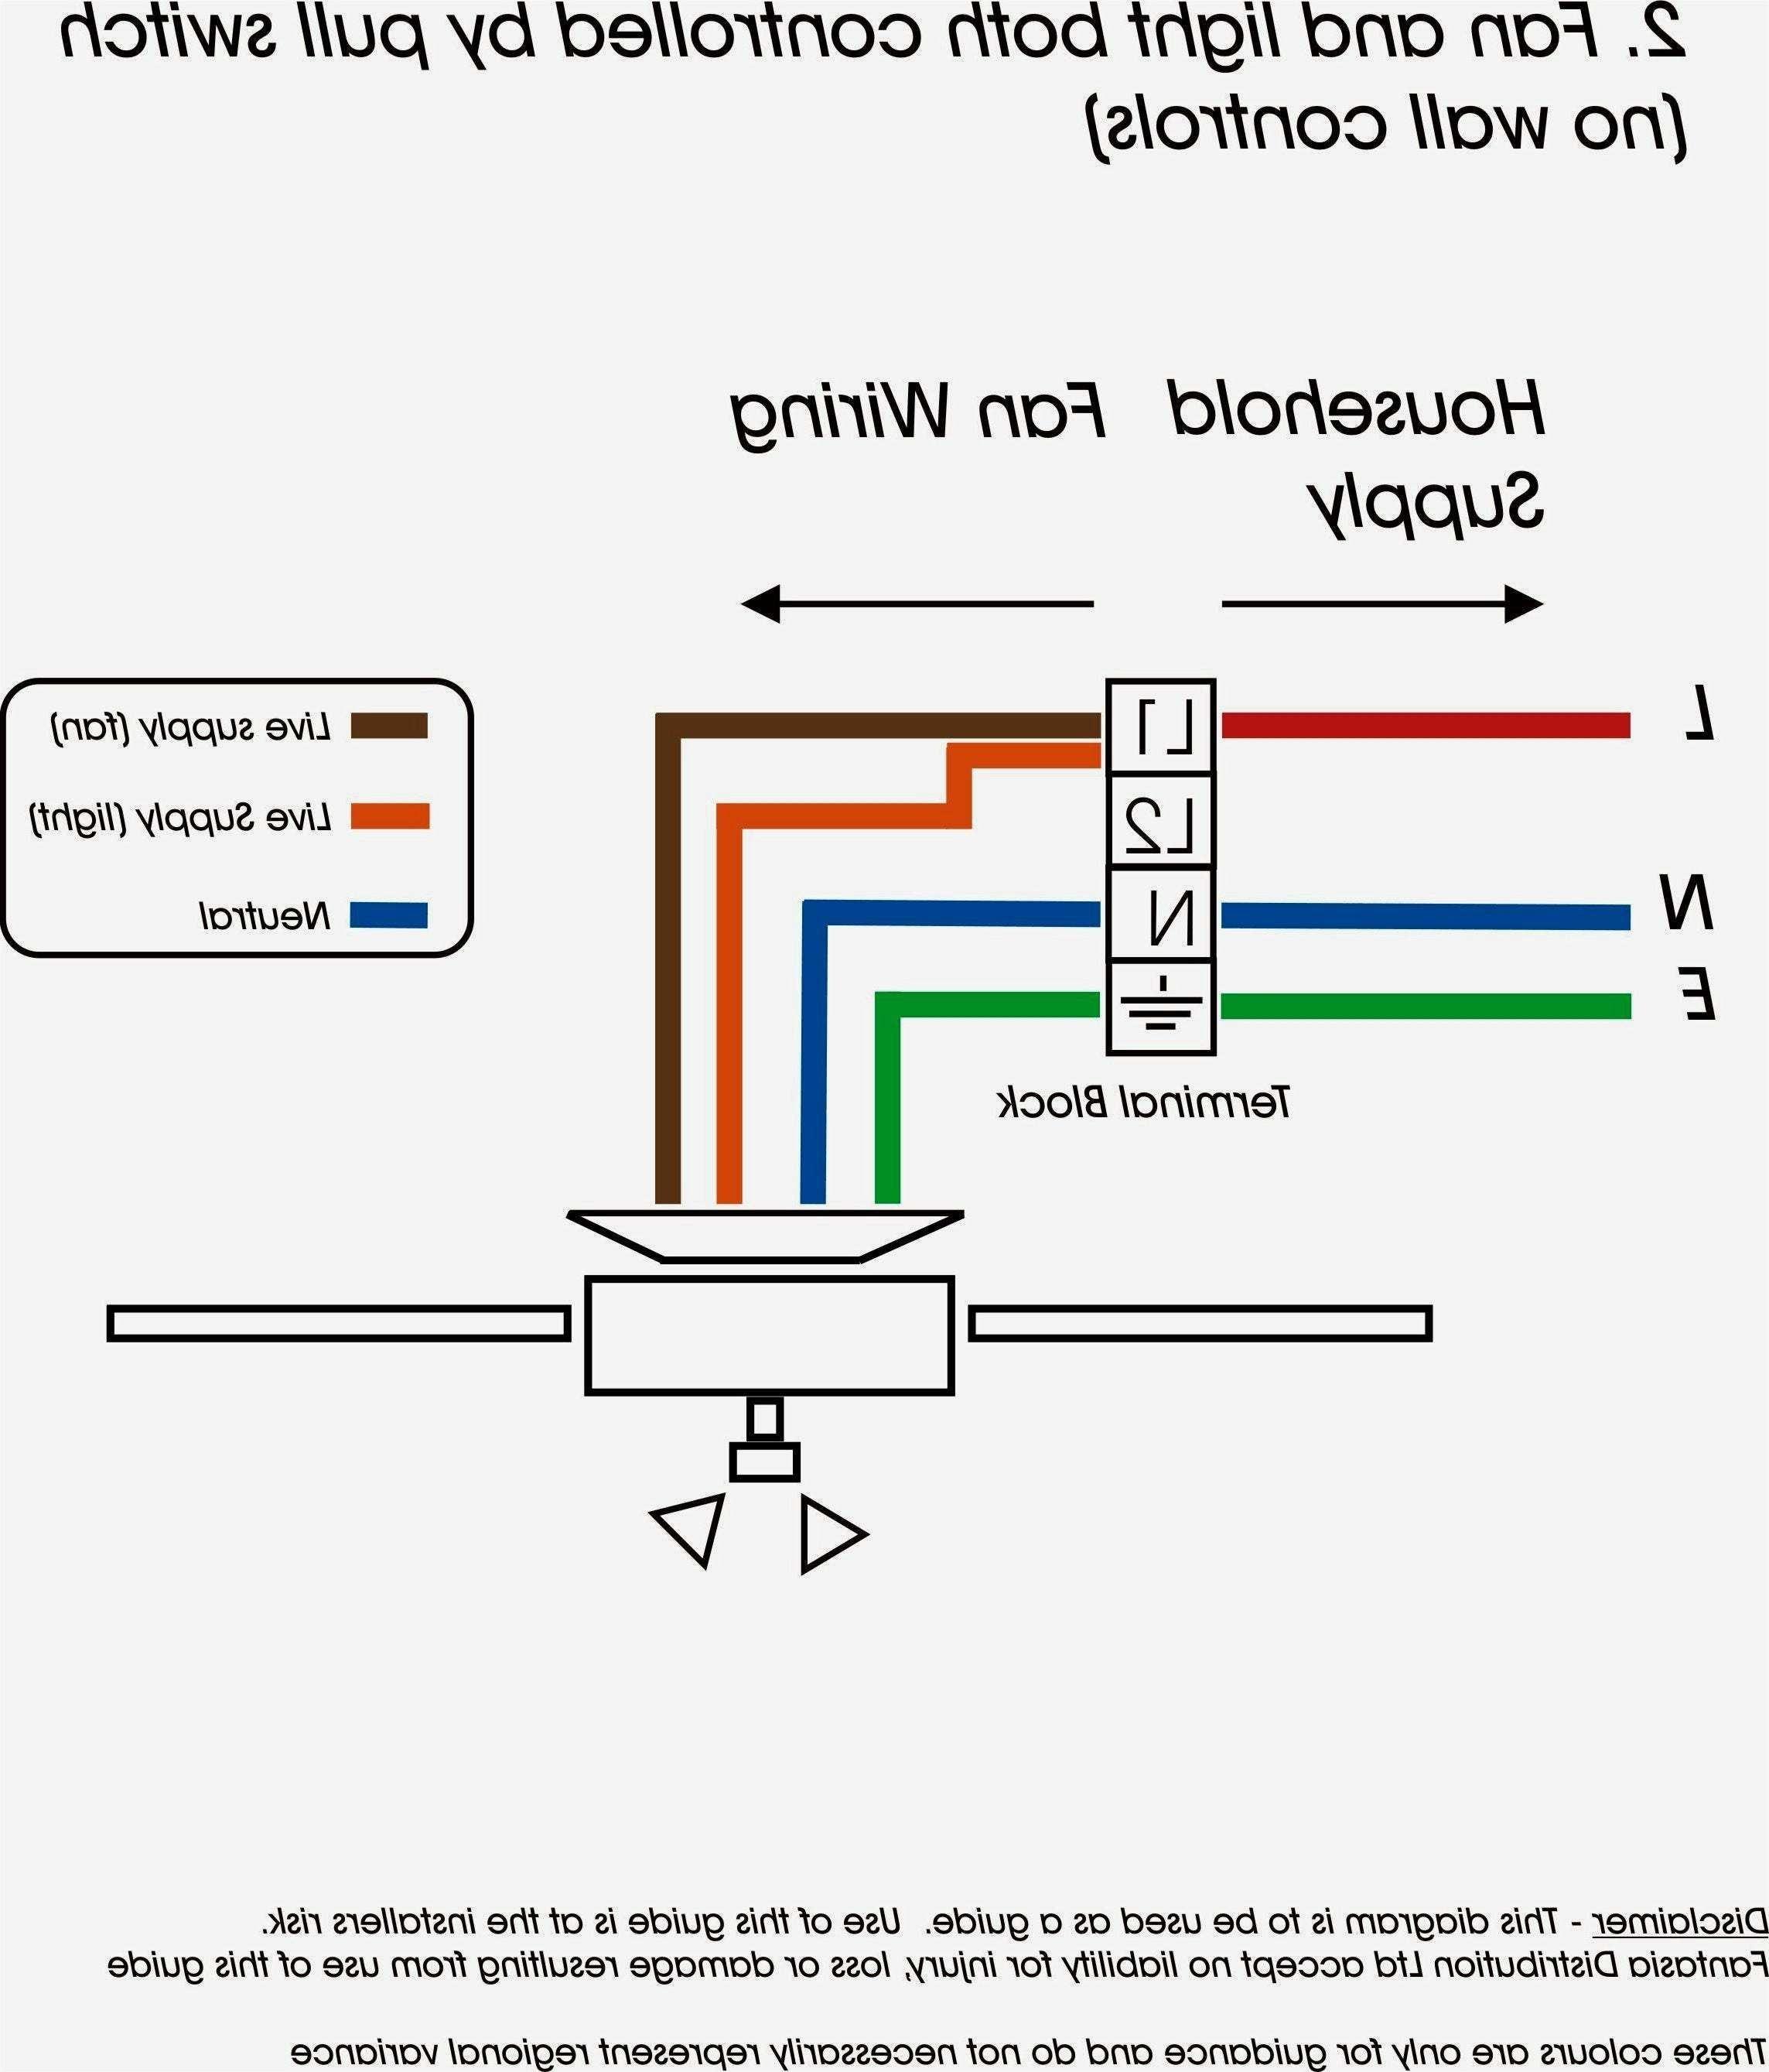 4 wire wiring diagram wiring diagram Belmont Trailer Wiring Diagram trailer wiring diagram, rv trailers